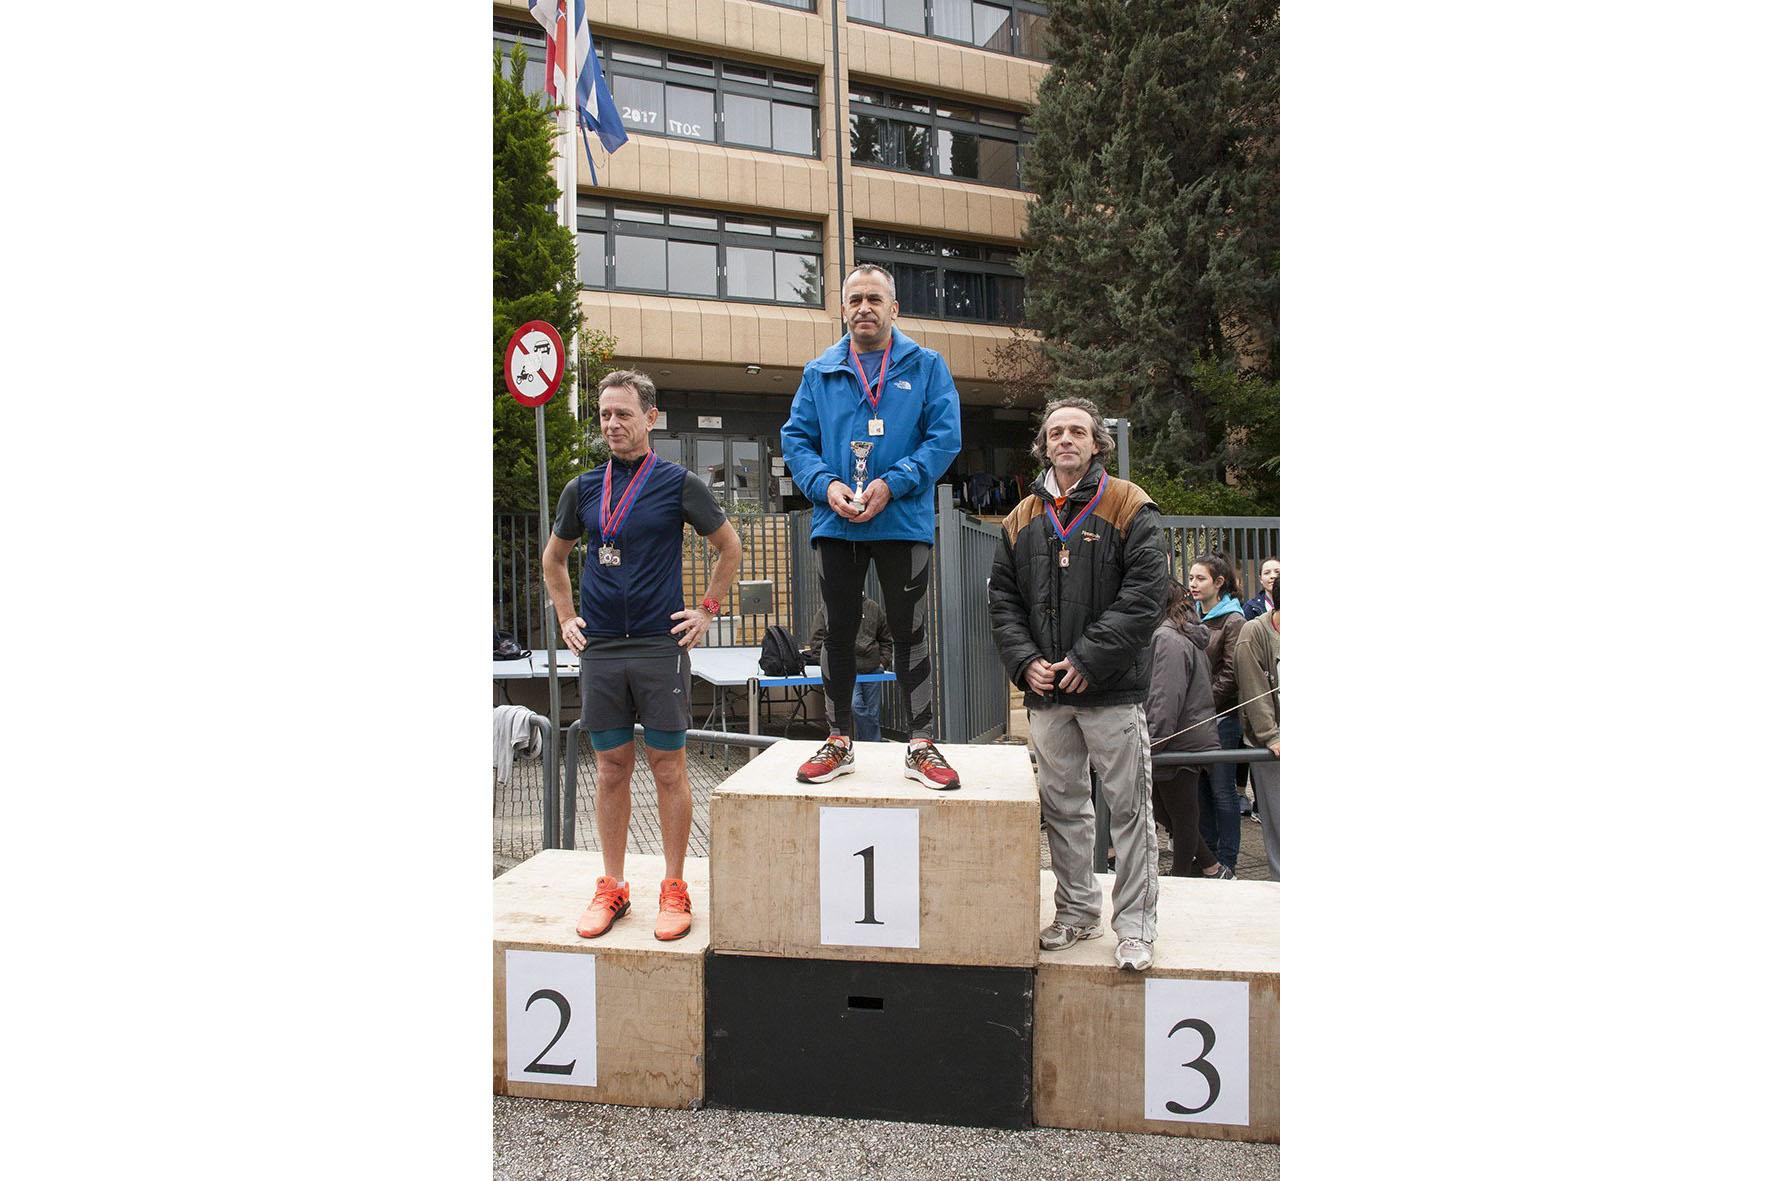 Beau succès pour la grande course du lycée franco-hellénique qui s'est déroulée le 12 mars-19